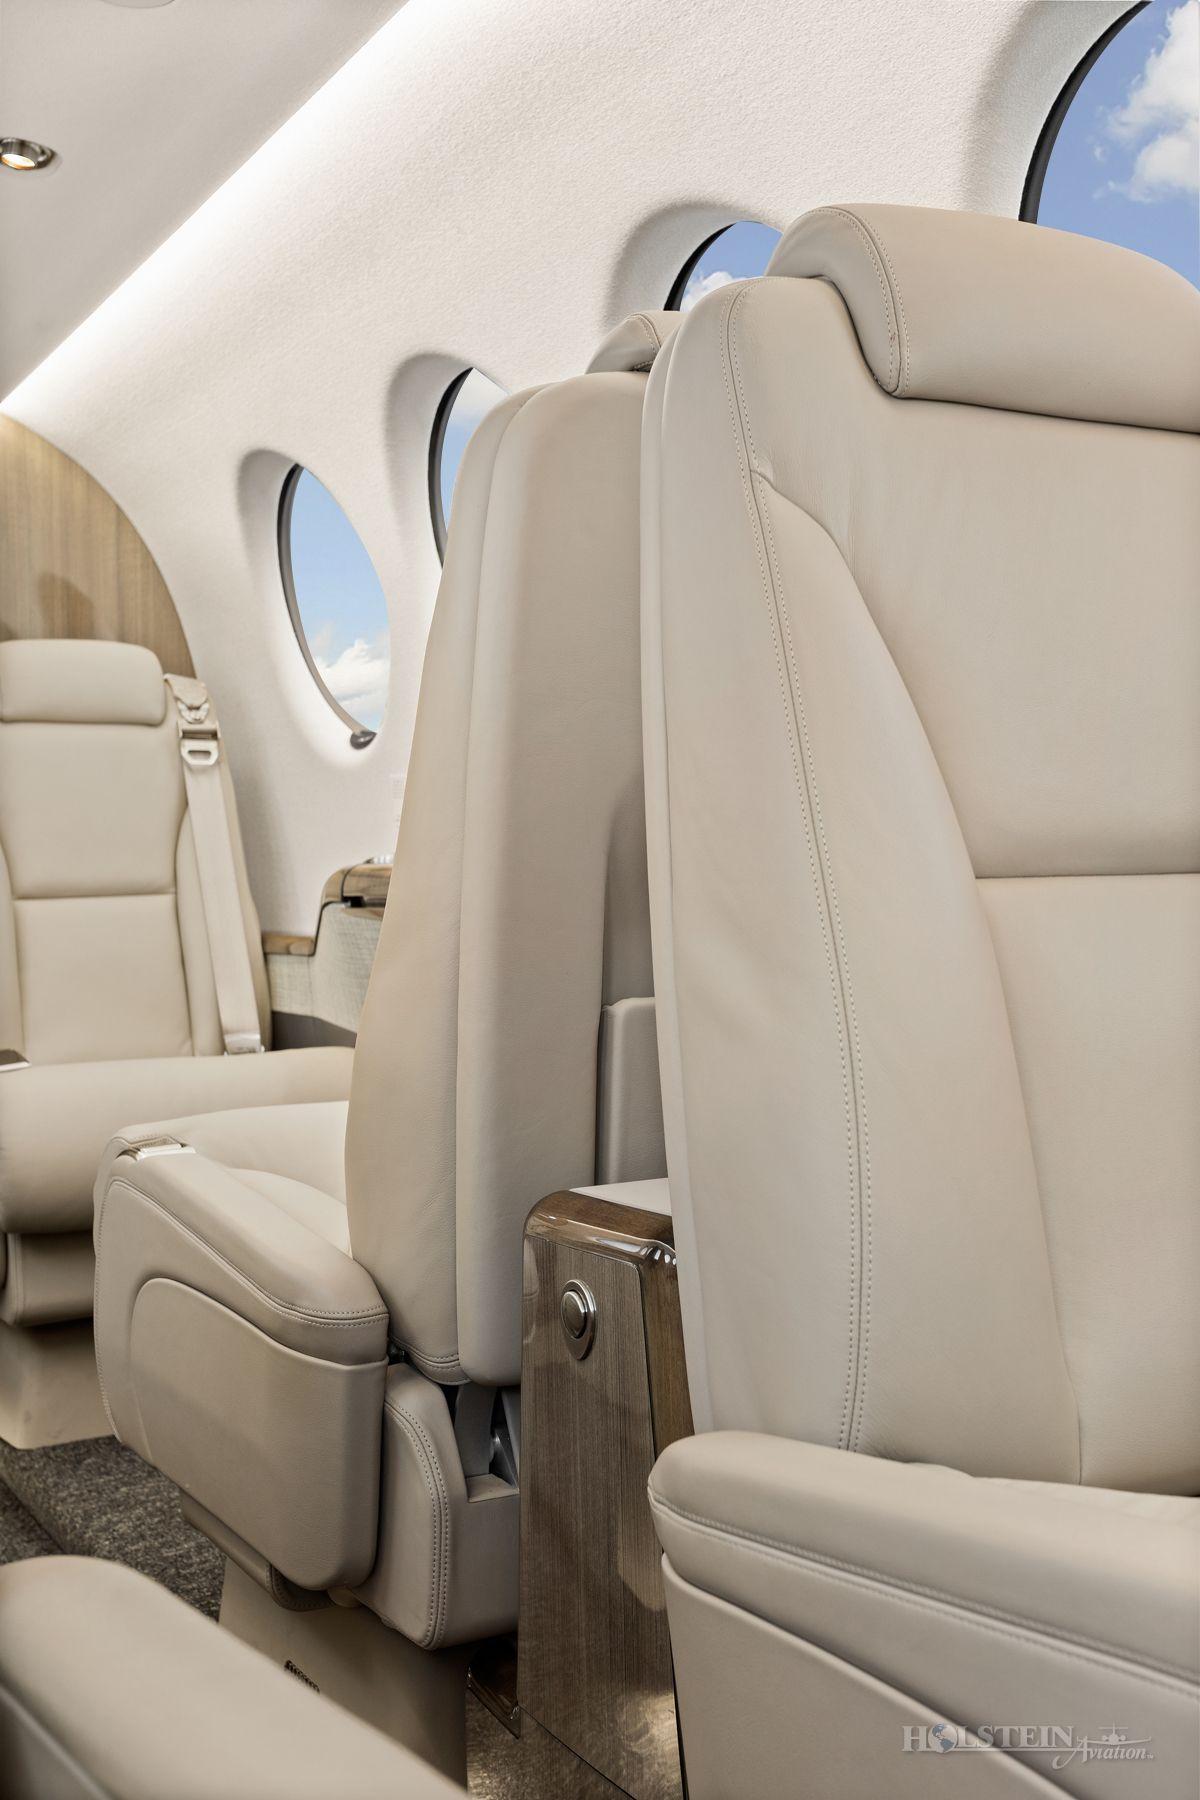 2019 King Air 350i - FL-1206 - N1994G - Int - Seats CU 2 RGB.jpg